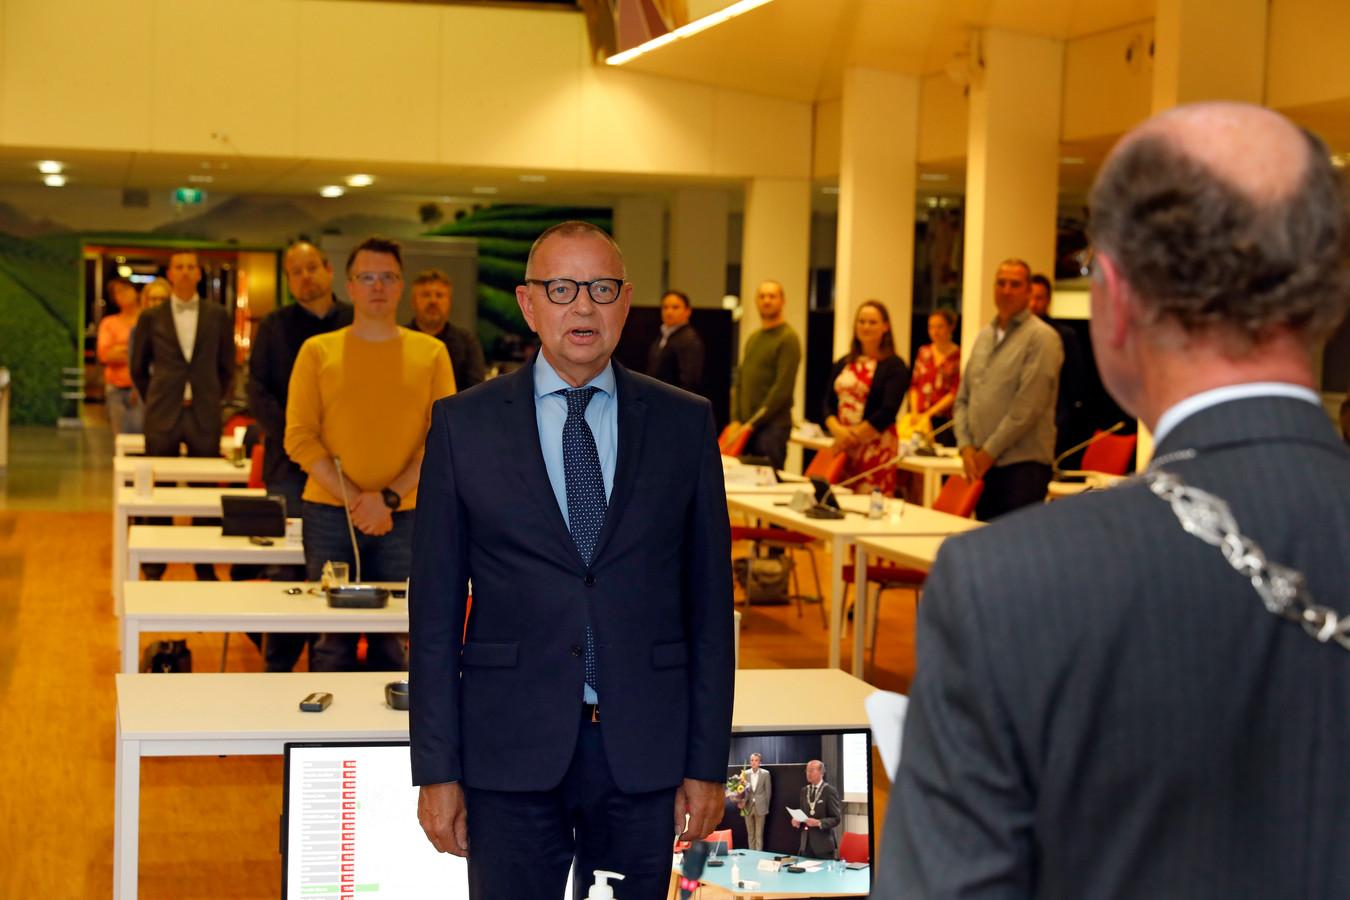 Jules Bijl werd eind september geïnstalleerd als wethouder in Vlaardingen. Dat gebeurde in het voormalige Unilevergebouw, waar de raadsvergadering vanwege de coronamaatregelen plaatsvond.